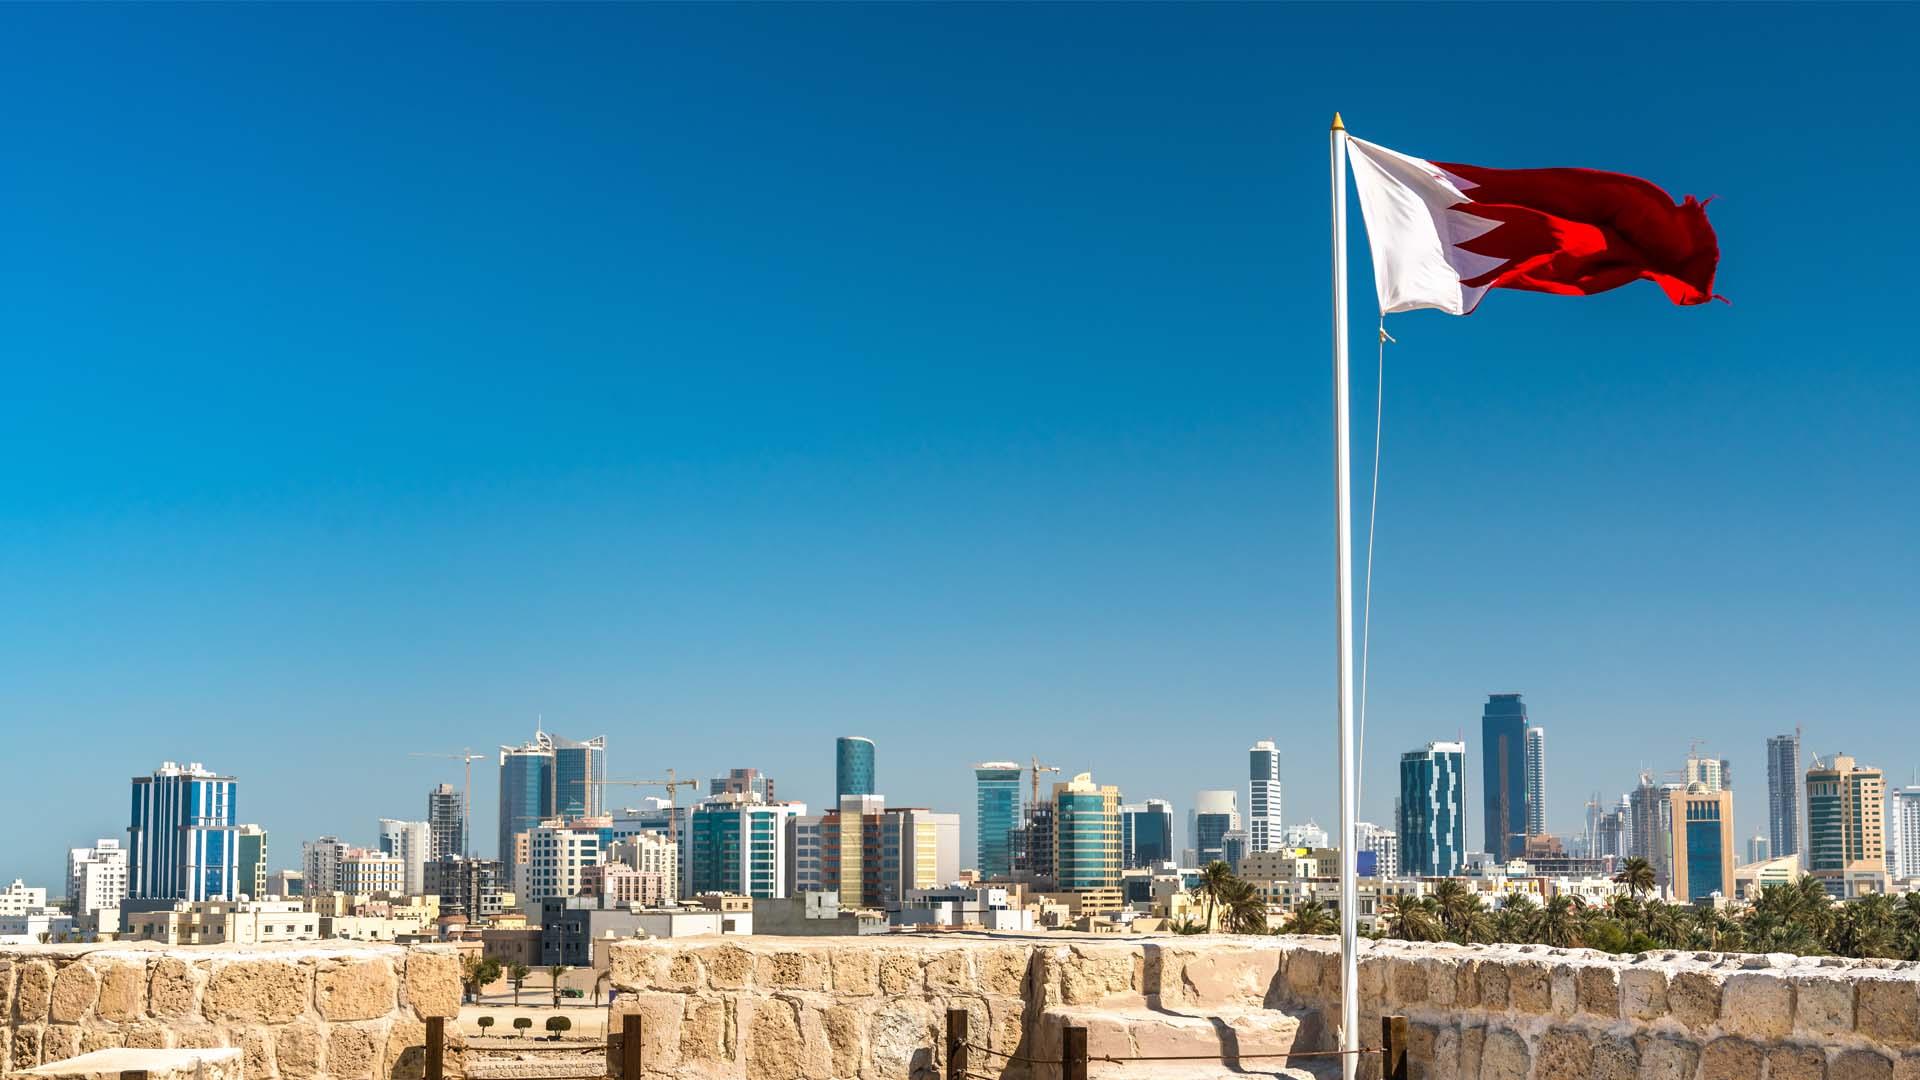 نظرًا للتخبط والفساد الخليفيّ..وکالة ائتمانية تعدل نظرتها المستقبلية للبحرين إلى سلبية